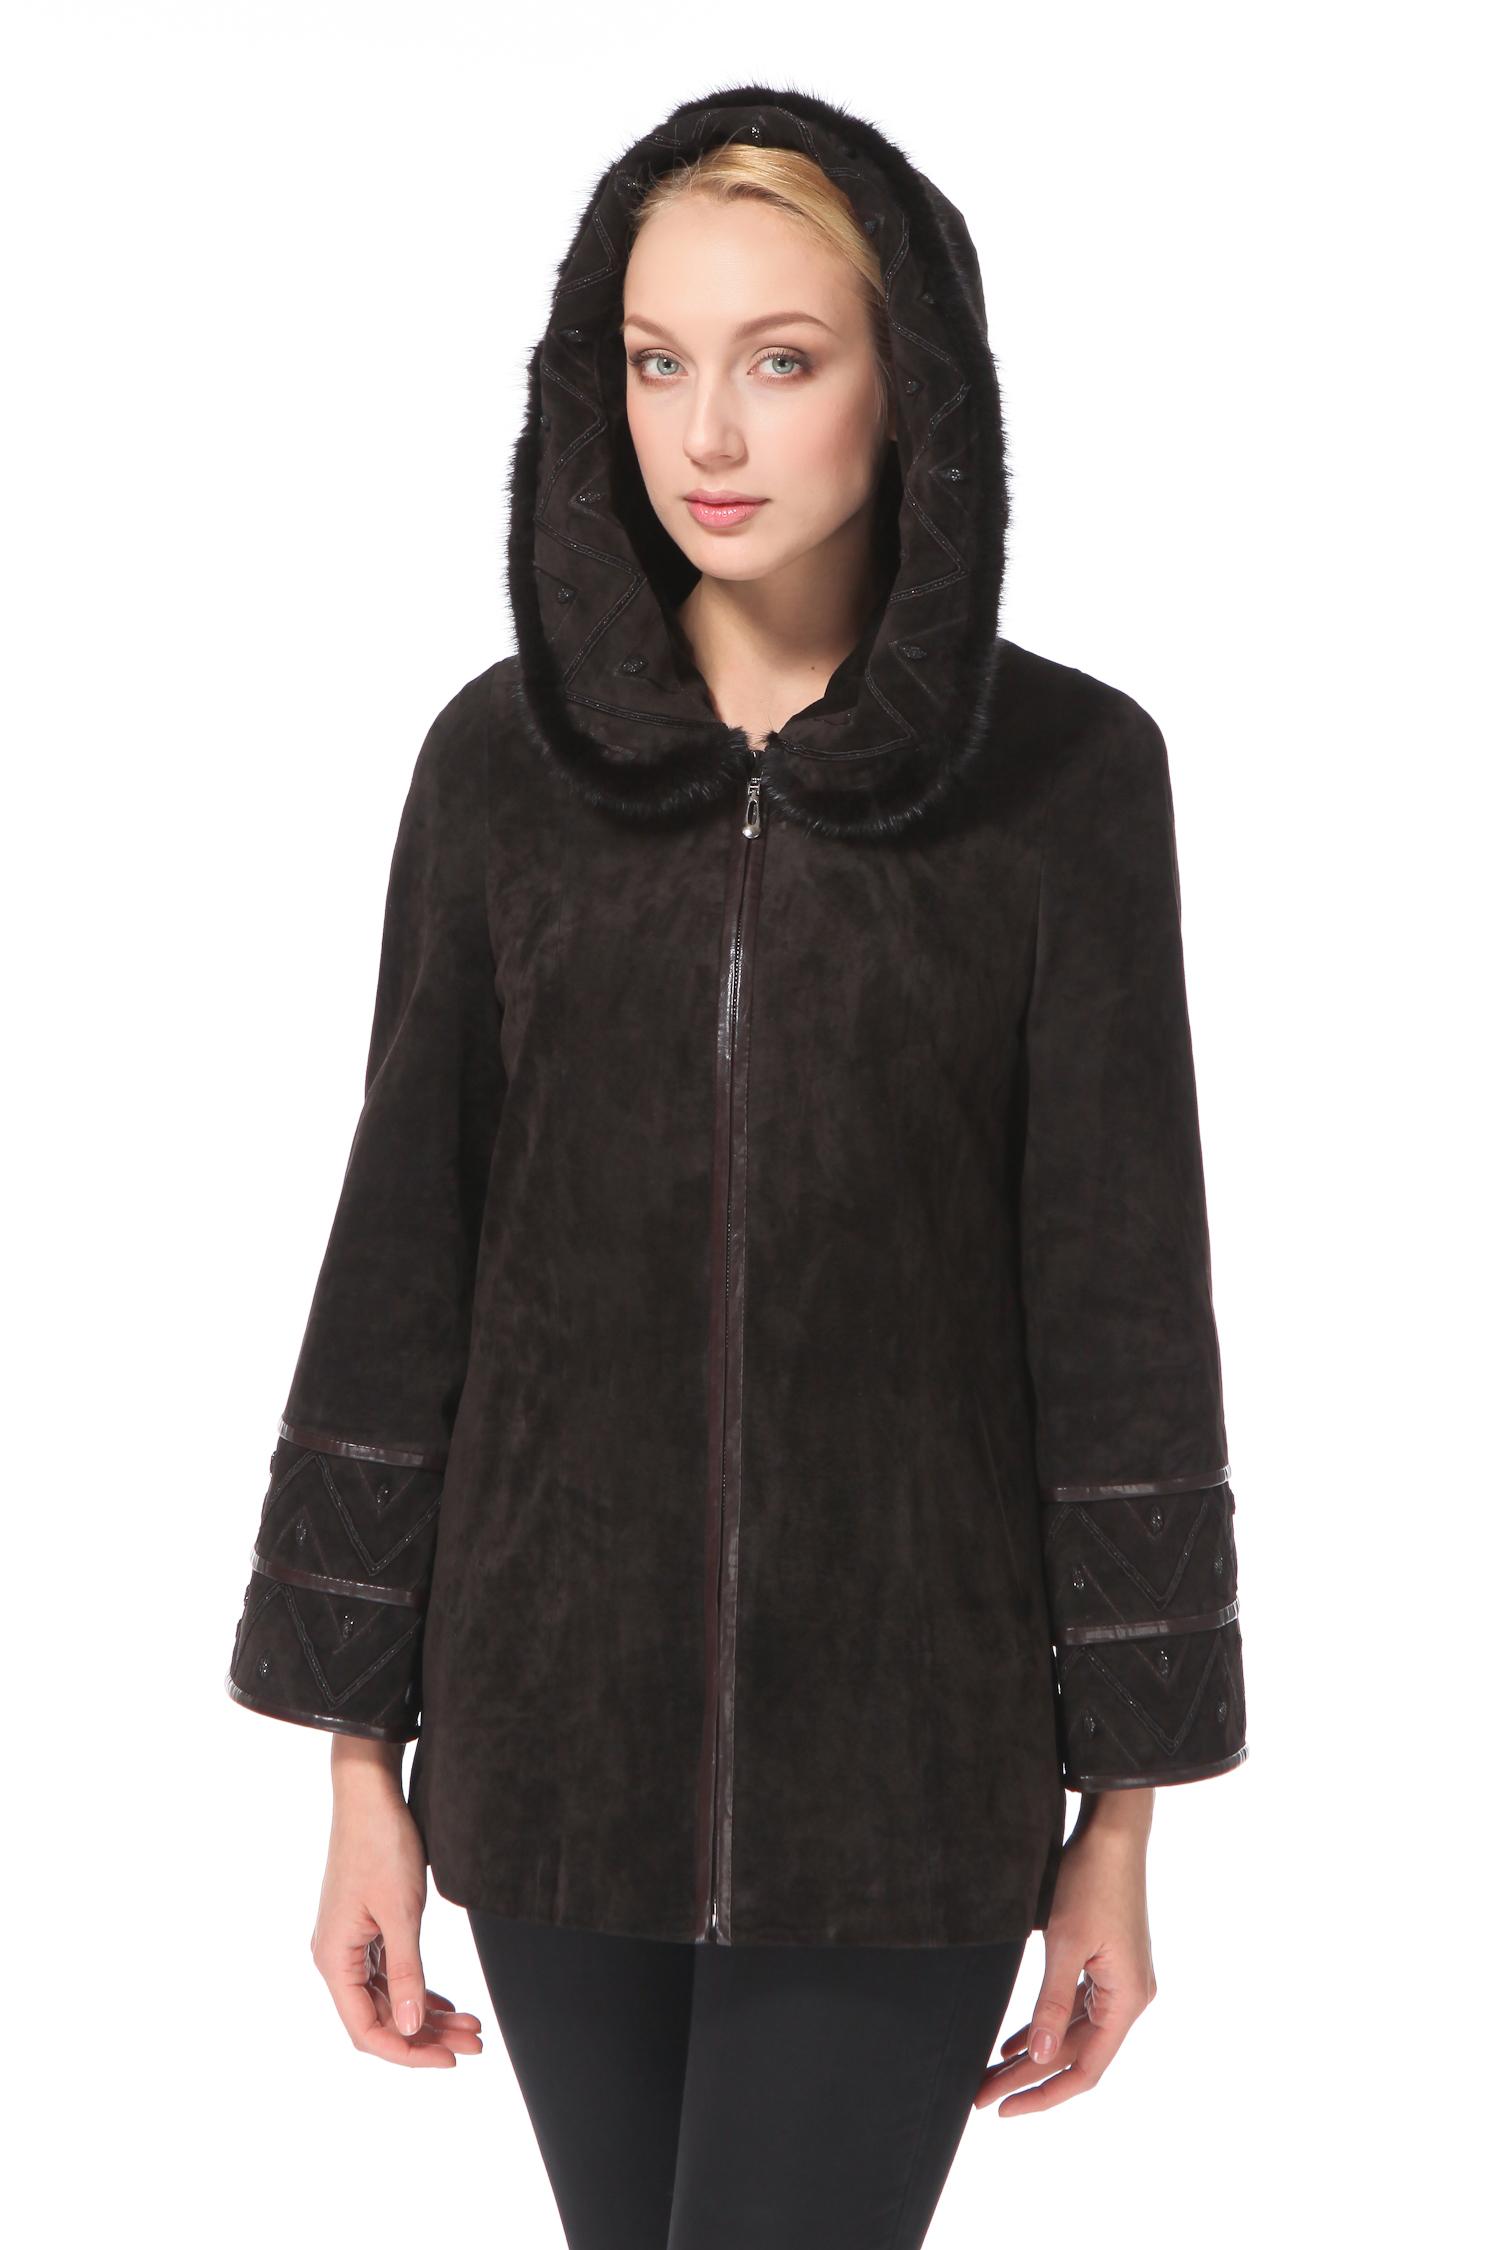 Женское кожаное пальто из натуральной замши с капюшоном, отделка норкаЦвет – горький шоколад.Еще один хит этого сезона – капюшон. Данная монохромная модель прямого кроя невероятно женственно смотрится с небольшим капюшоном в стиле «Анжелика», который плавно переходит в закругленный воротник. Такой покрой выглядит очень стильно, тем более, что в качестве отделки использован мех норки. Геометричный кожаный декор, напоминающий этнические мотивы, придает образу самобытность и оригинальность. Модель удовлетворит спрос самых требовательных и искушенных покупательниц.<br><br>Воротник: капюшон<br>Длина см: Средняя (75-89 )<br>Материал: Замша<br>Цвет: коричневый<br>Пол: Женский<br>Размер RU: 56